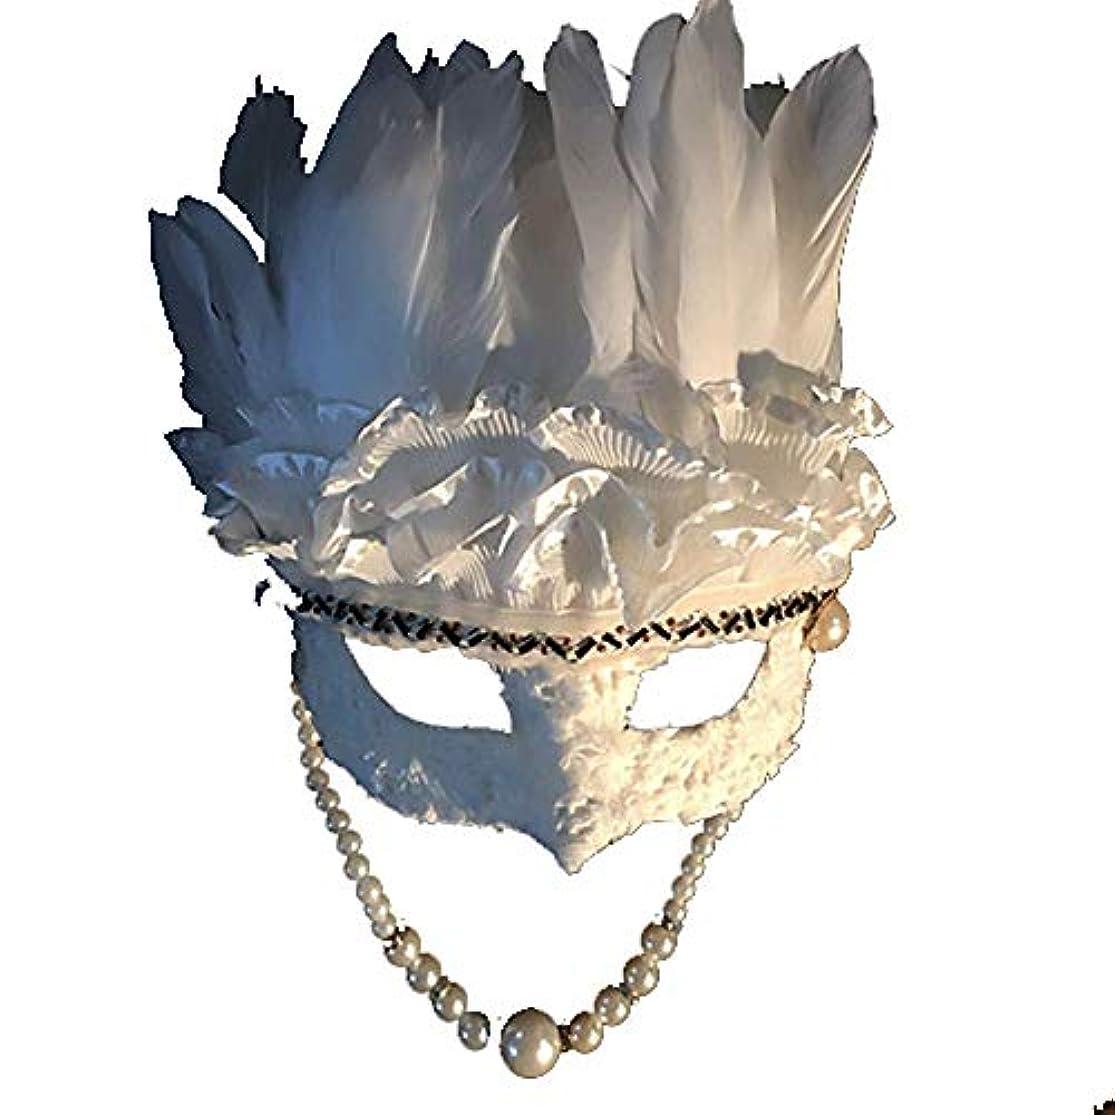 東部デマンド三Nanle ハロウィンクリスマスフェザースパンコール刺繍ビーズマスク仮装マスクレディミスプリンセス美容祭パーティーデコレーションマスク